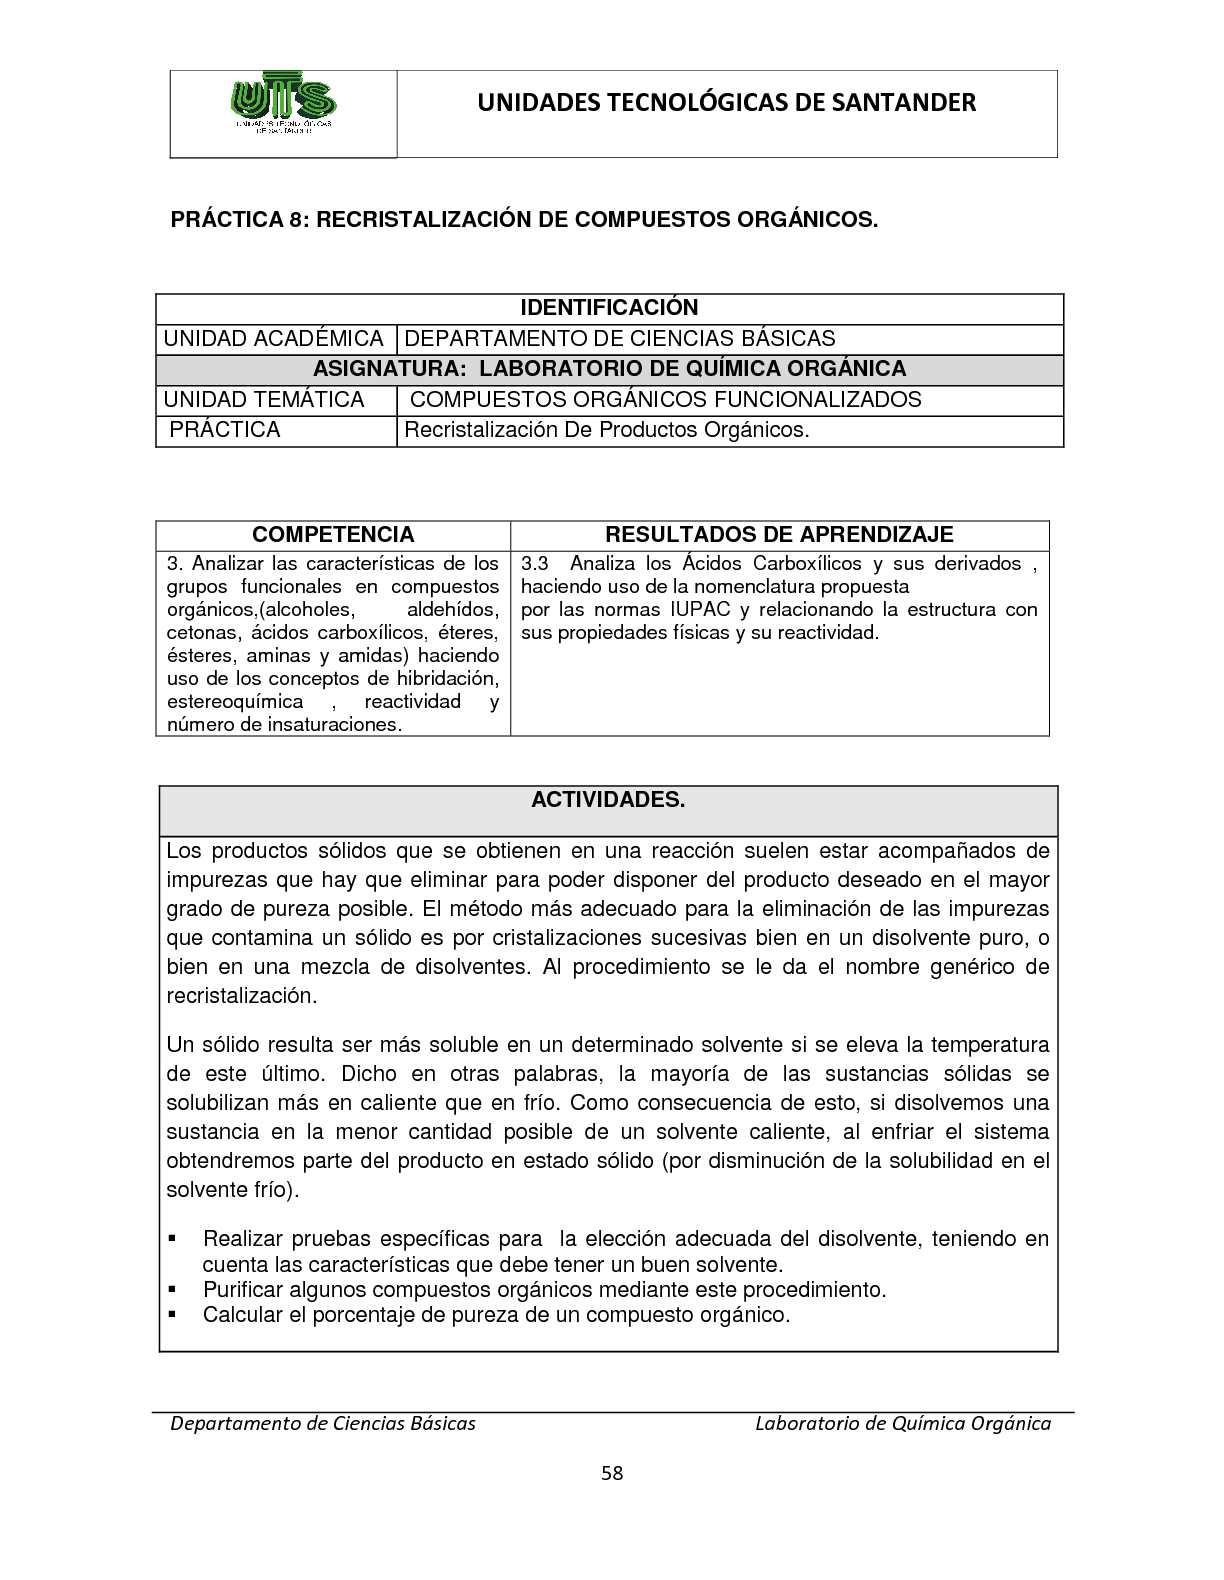 Manual de Laboratorio de Química Orgánica - CALAMEO Downloader